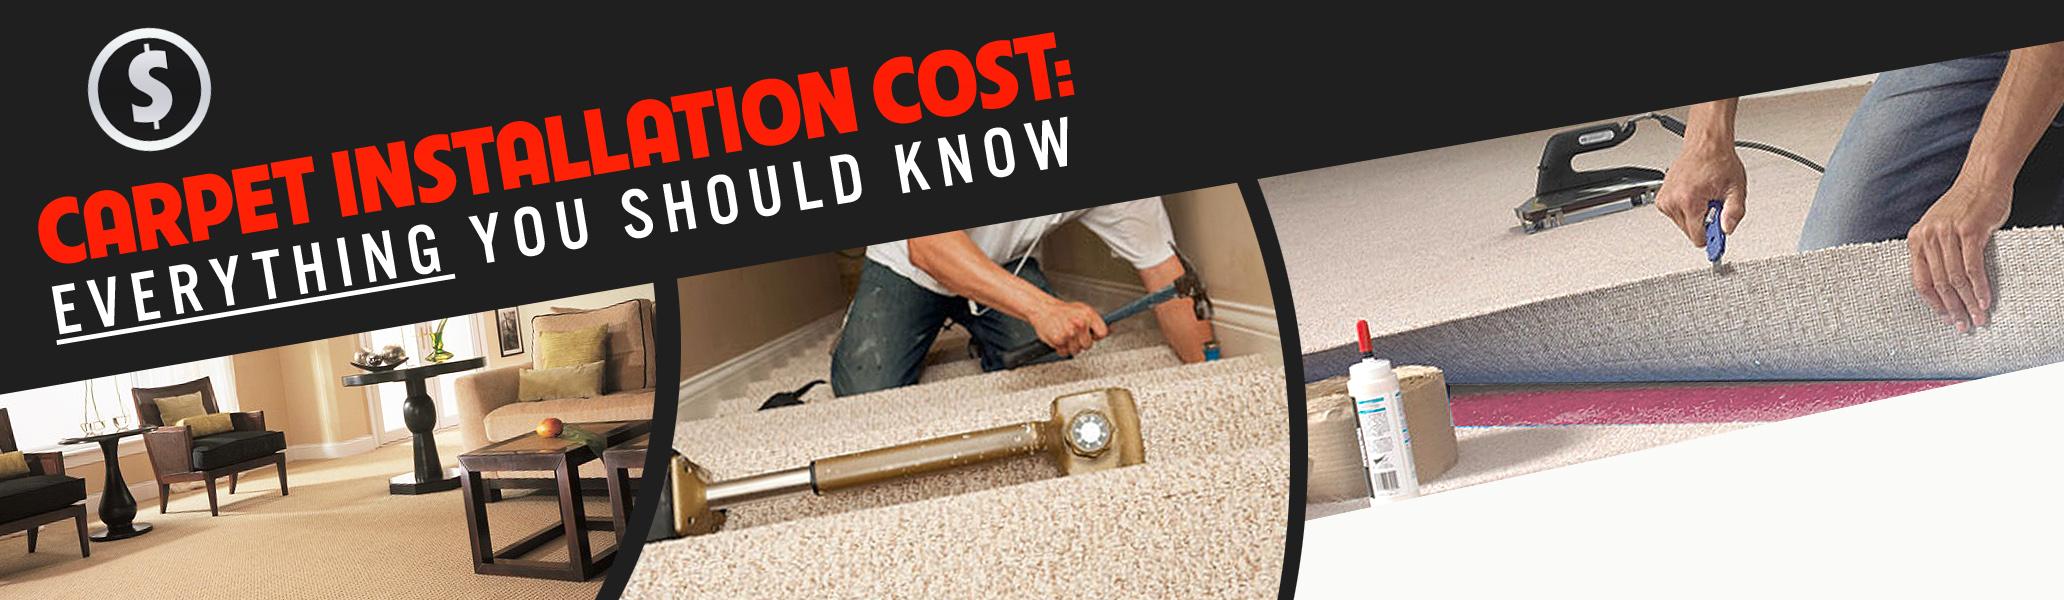 Carpet install cost srs carpet vidalondon - Carpet installation cost ...